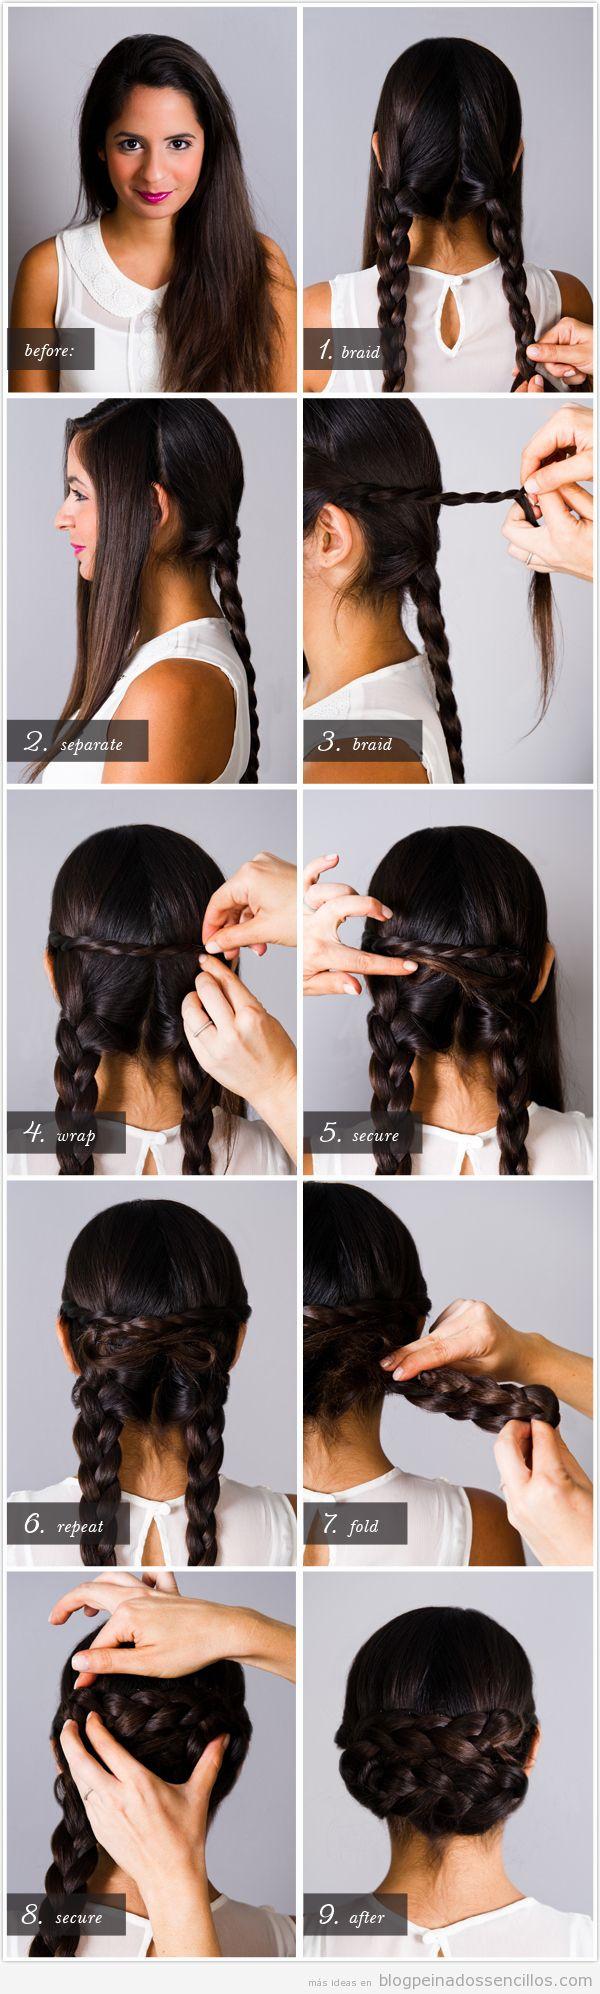 Tutorial peinado recogido fácil con dos trenzas